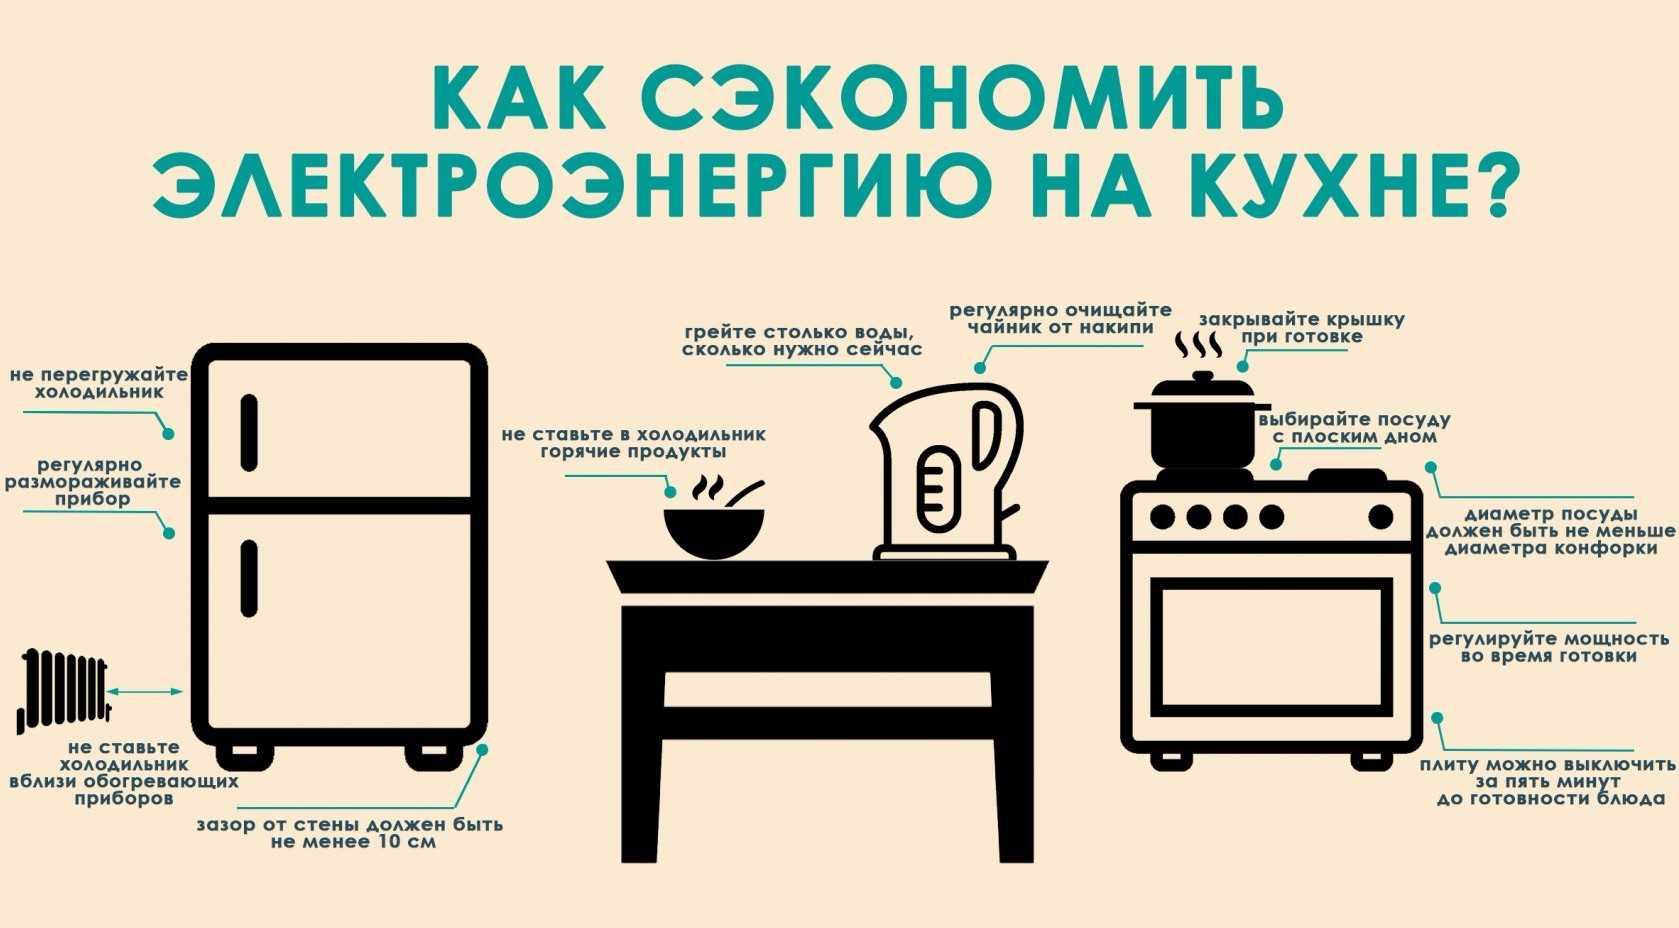 Как эффективно можно экономить электричество в своем доме или квартире